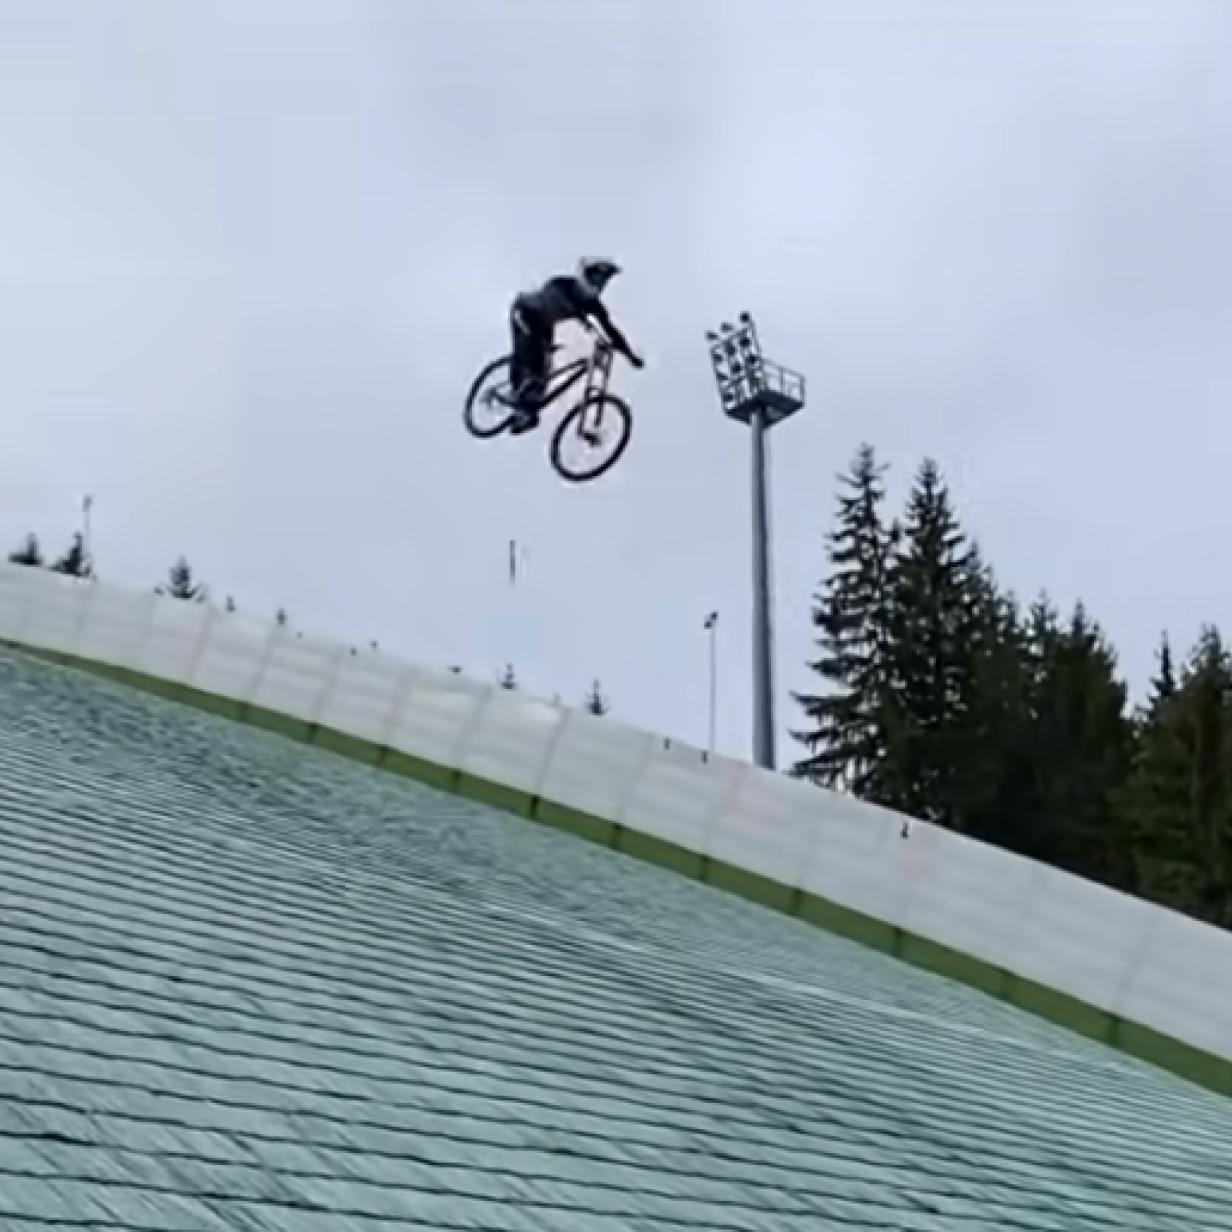 Rekordversuch: Mountainbiker springt von Skischanze und stürzt